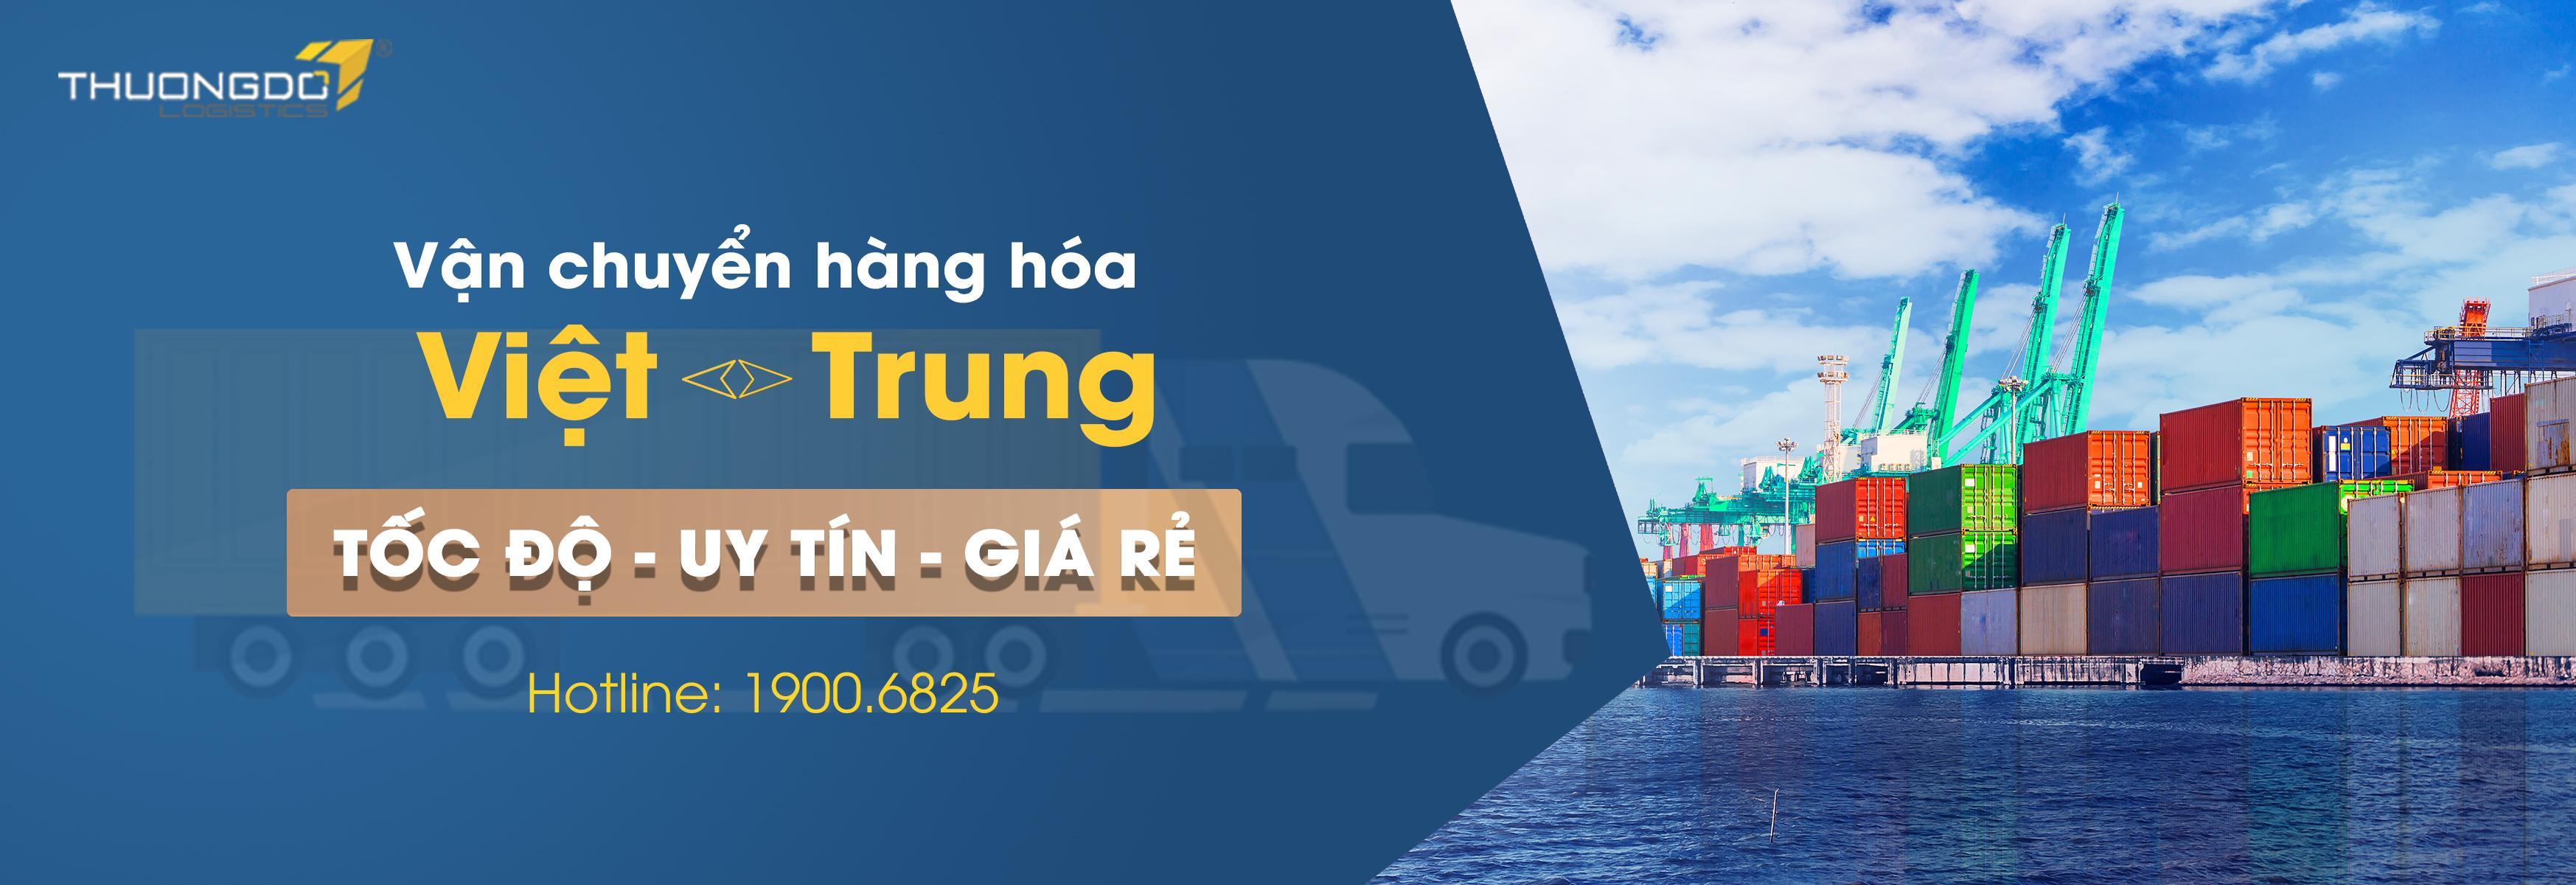 Vận chuyển hàng hóa hai chiều Việt - Trung